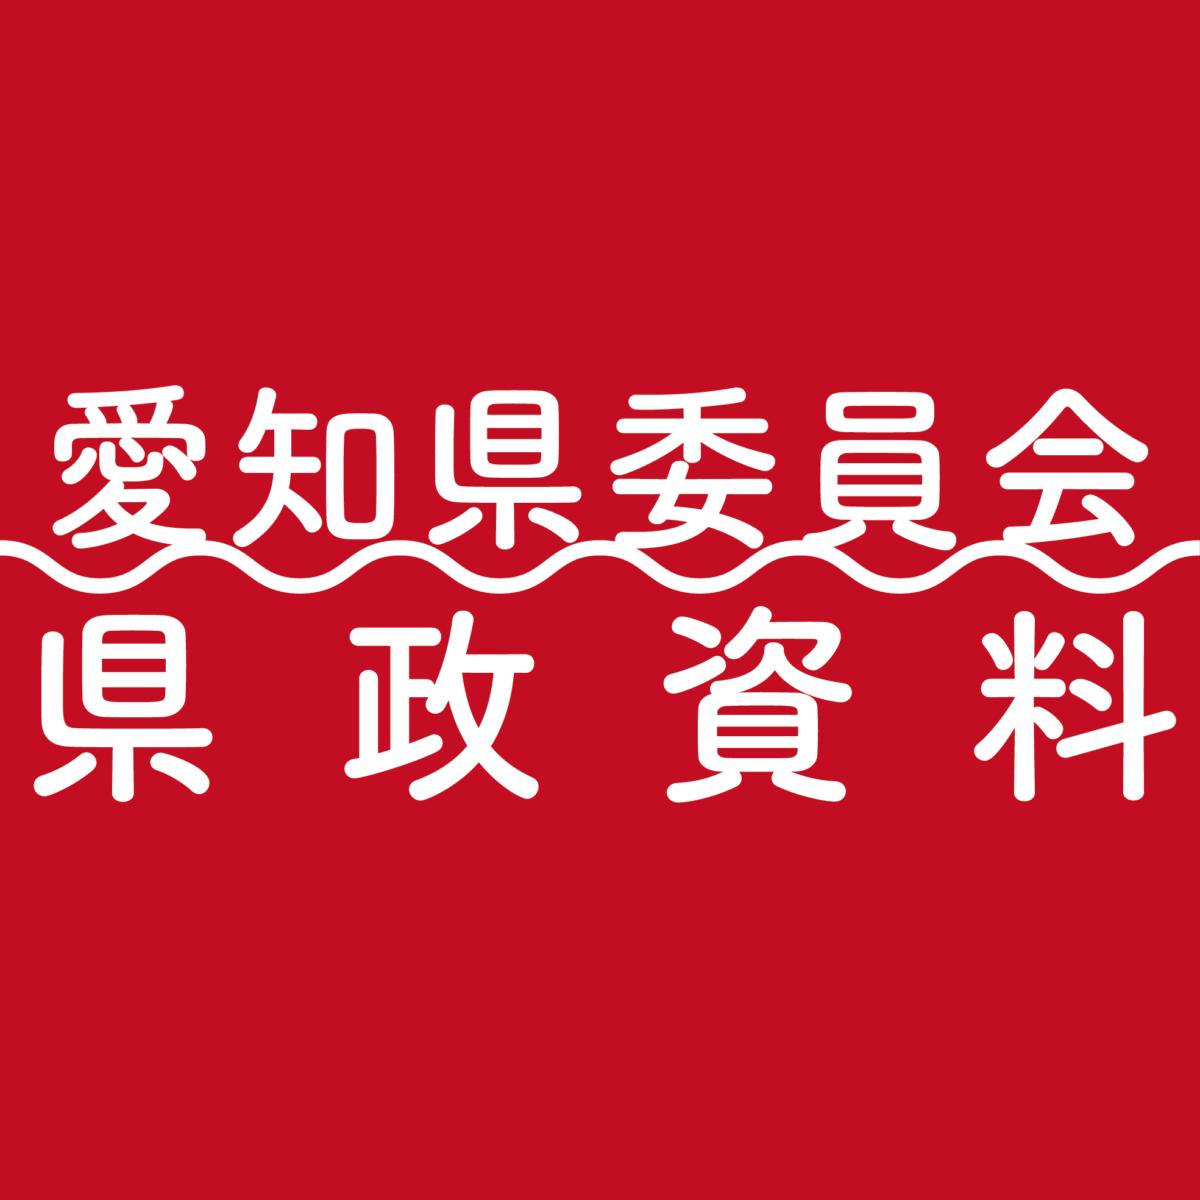 愛知県委員会県政資料